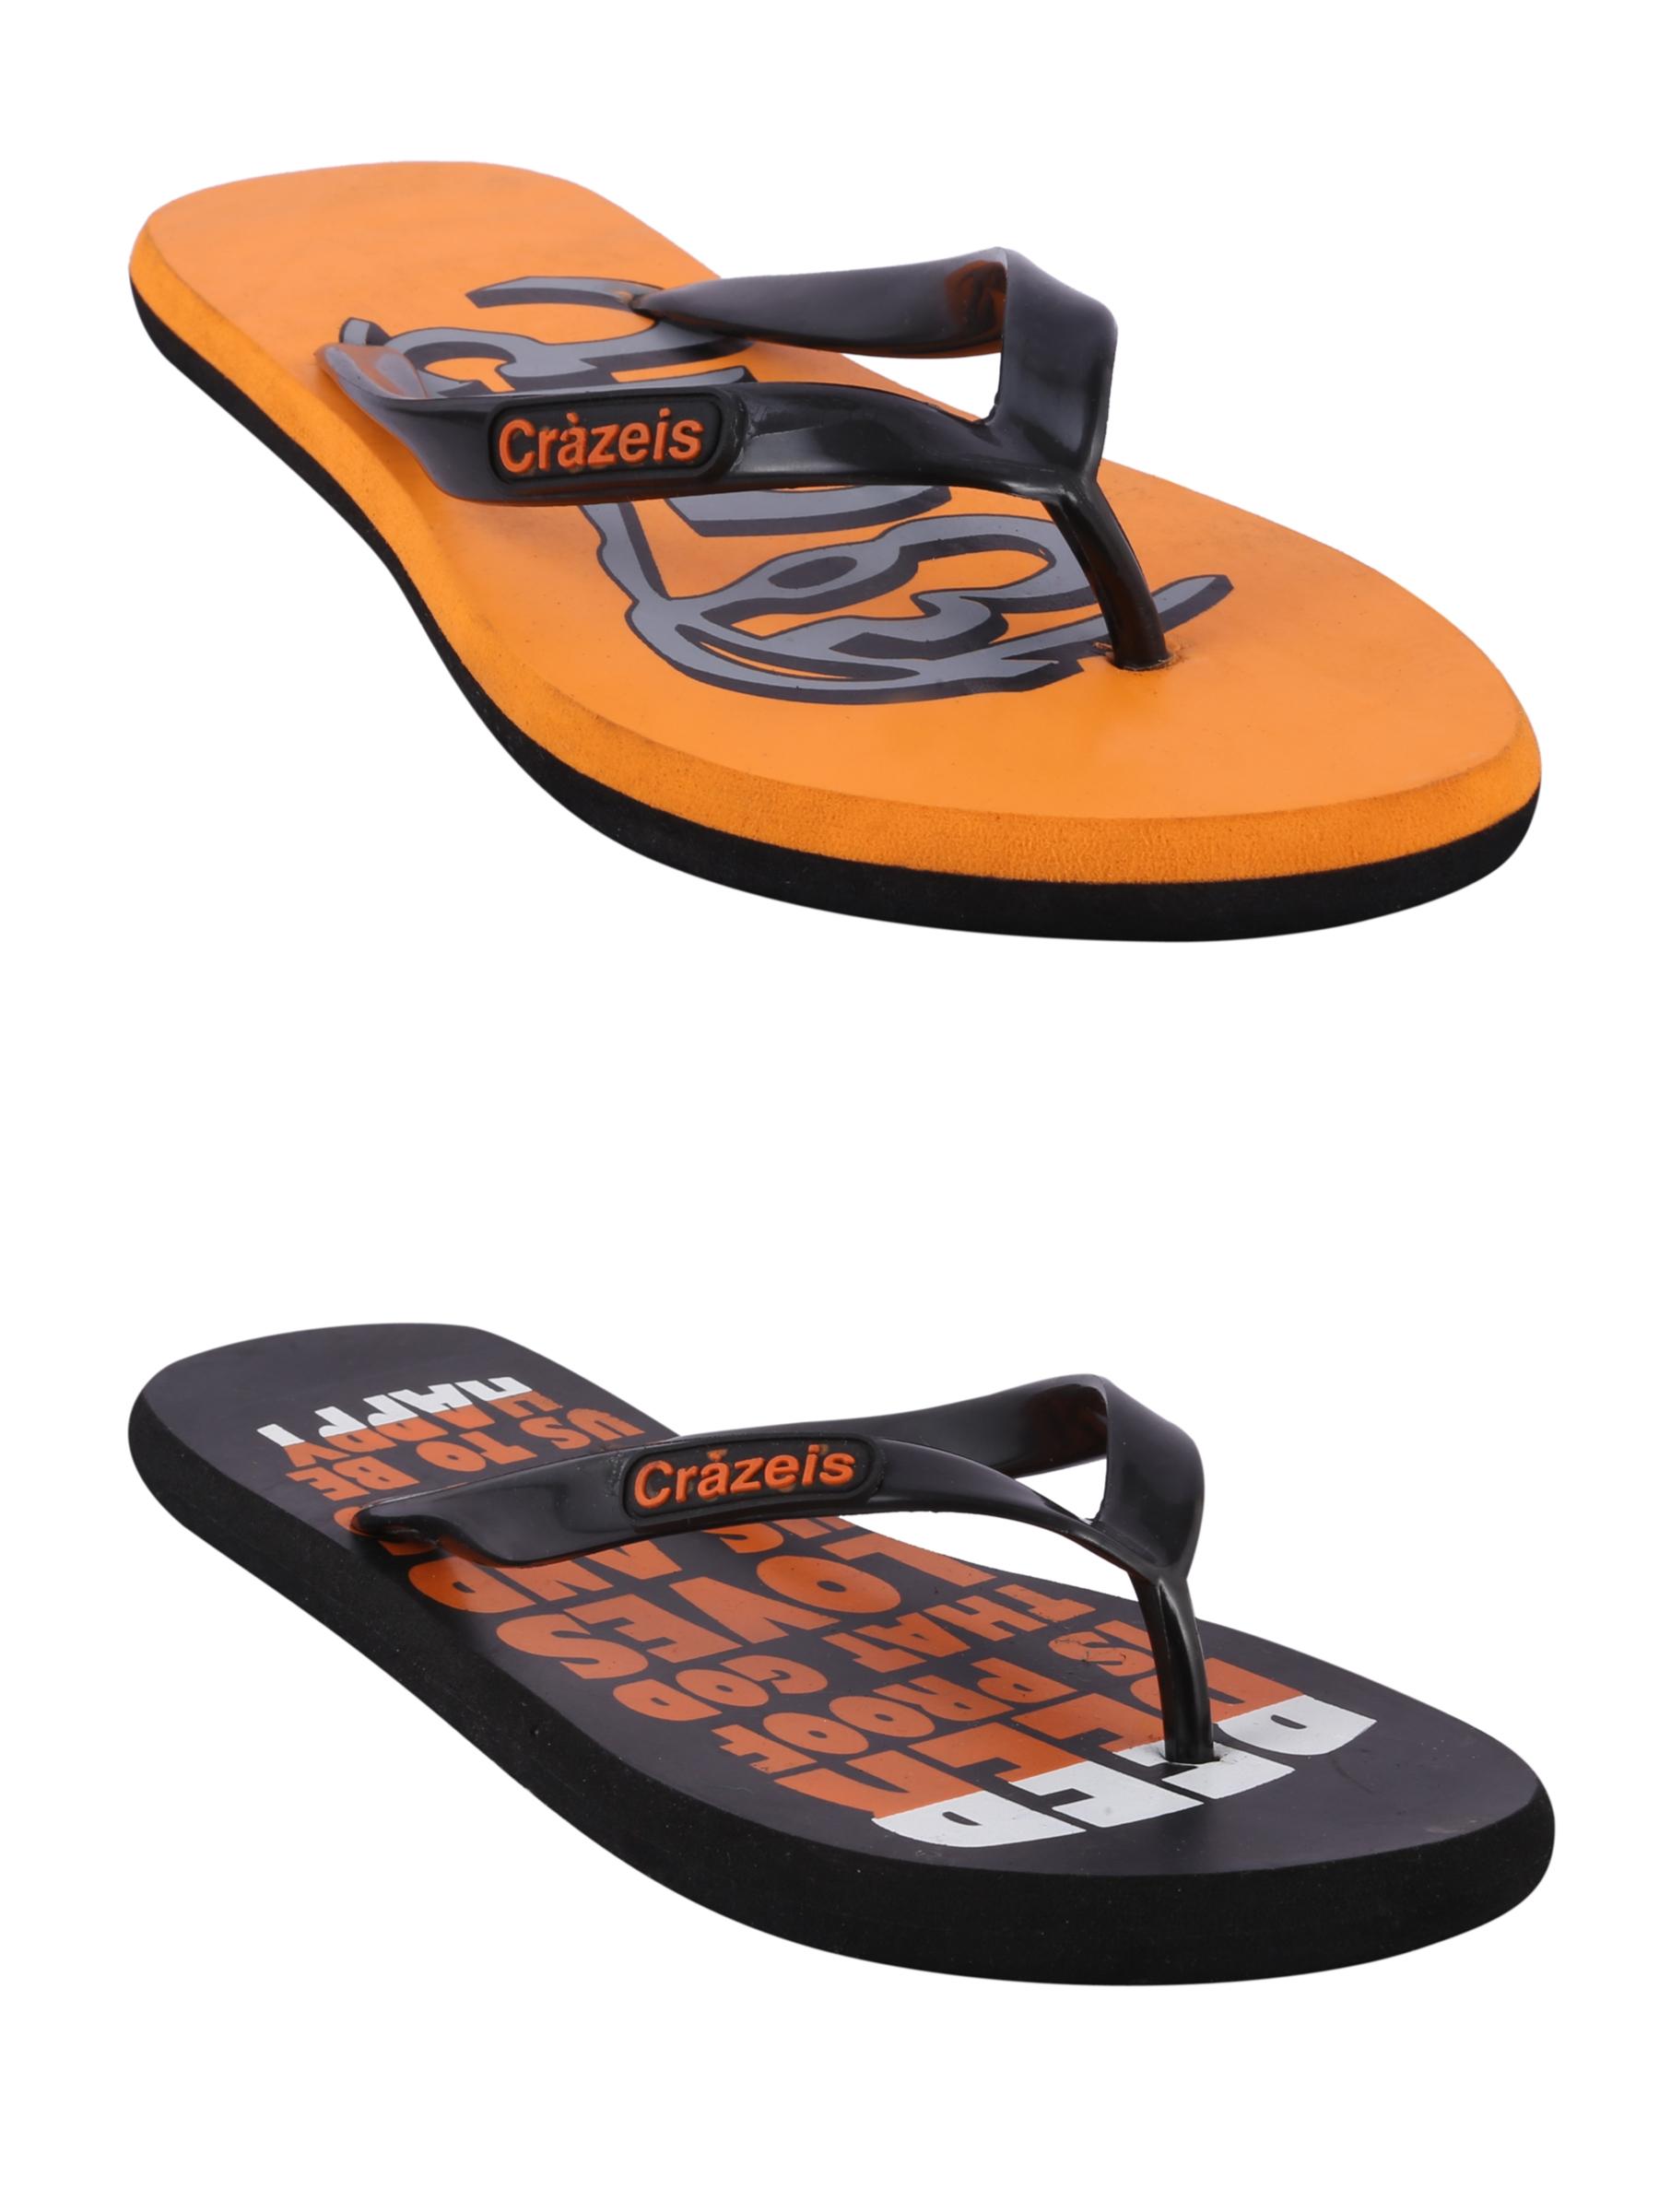 crazeis2 Crazeis Flip-flops Pack Of 2 For Men-019